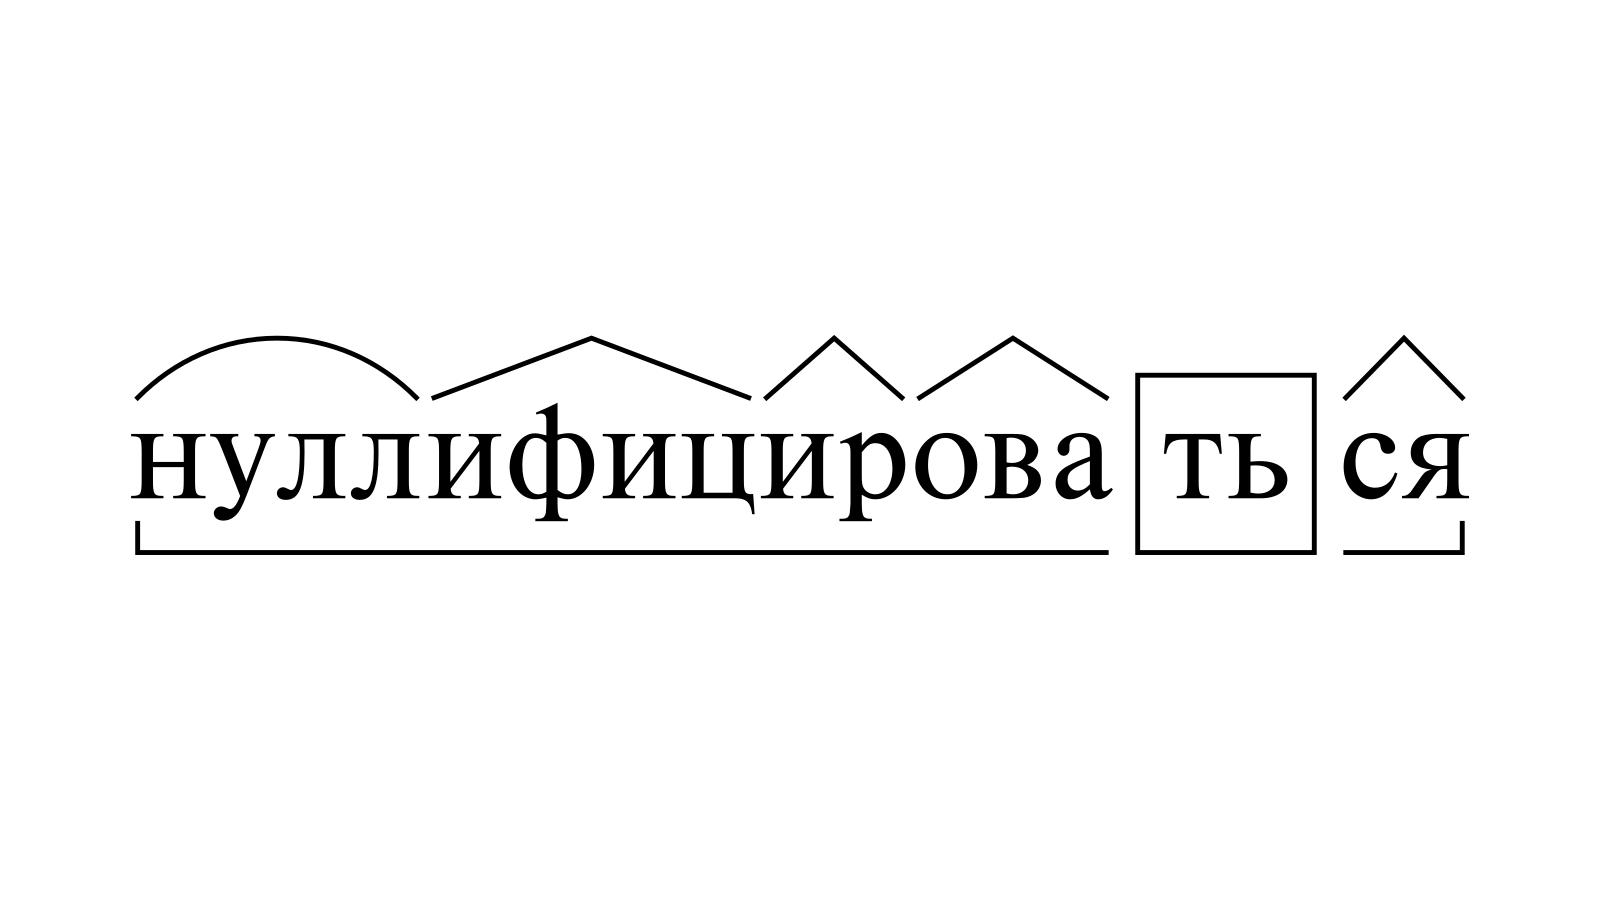 Разбор слова «нуллифицироваться» по составу